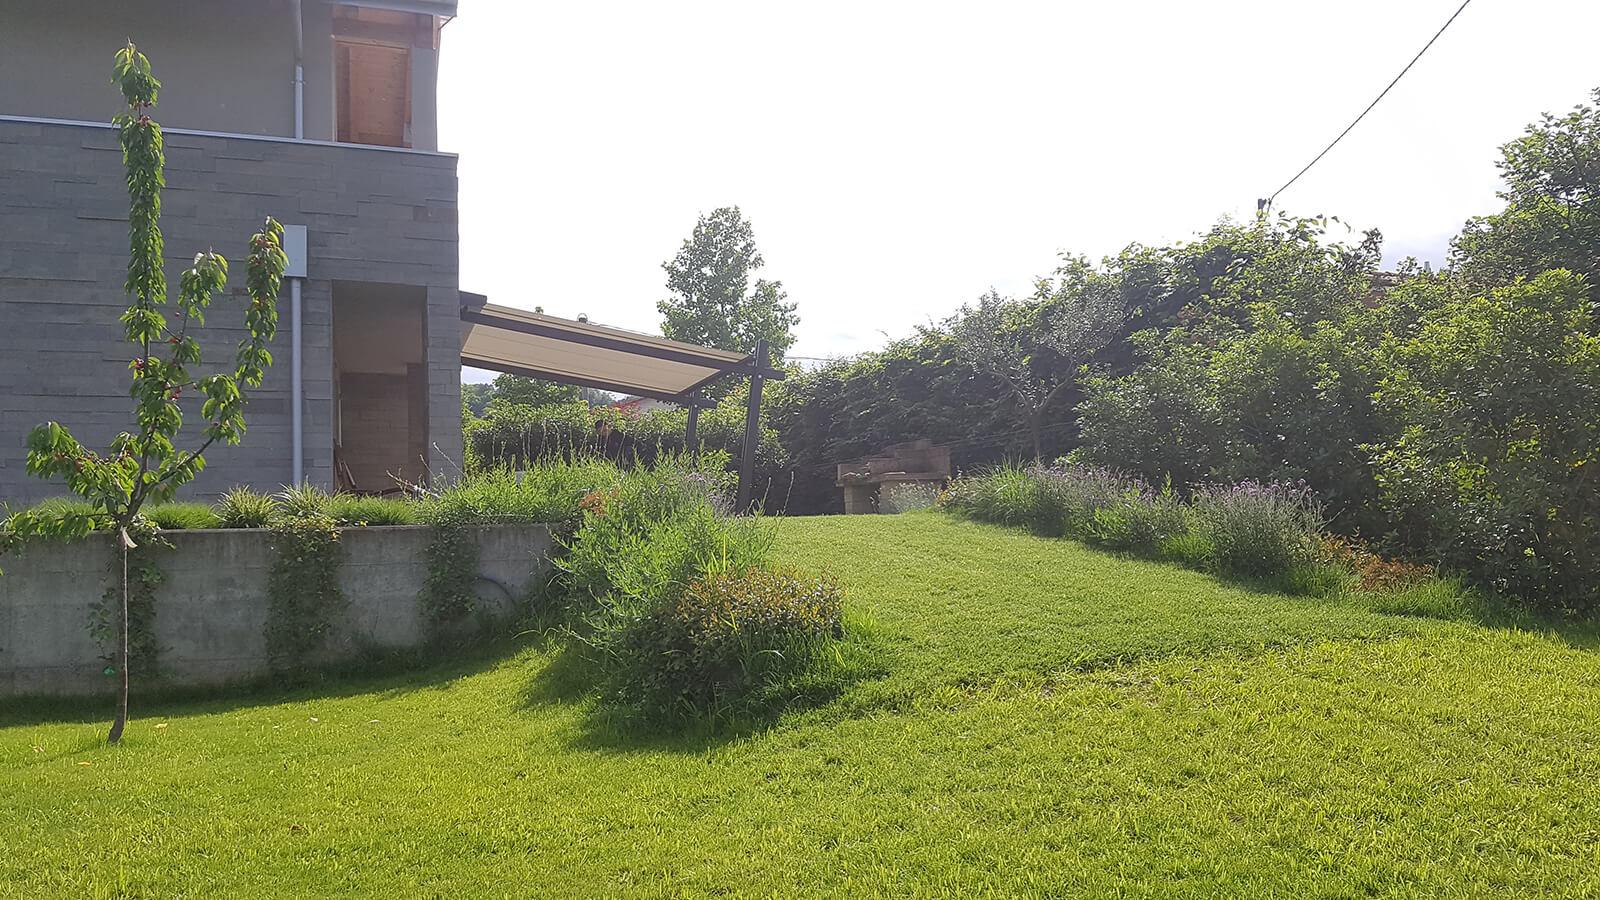 progettazione realizzazione giardini marostica - verde blu giardini 20